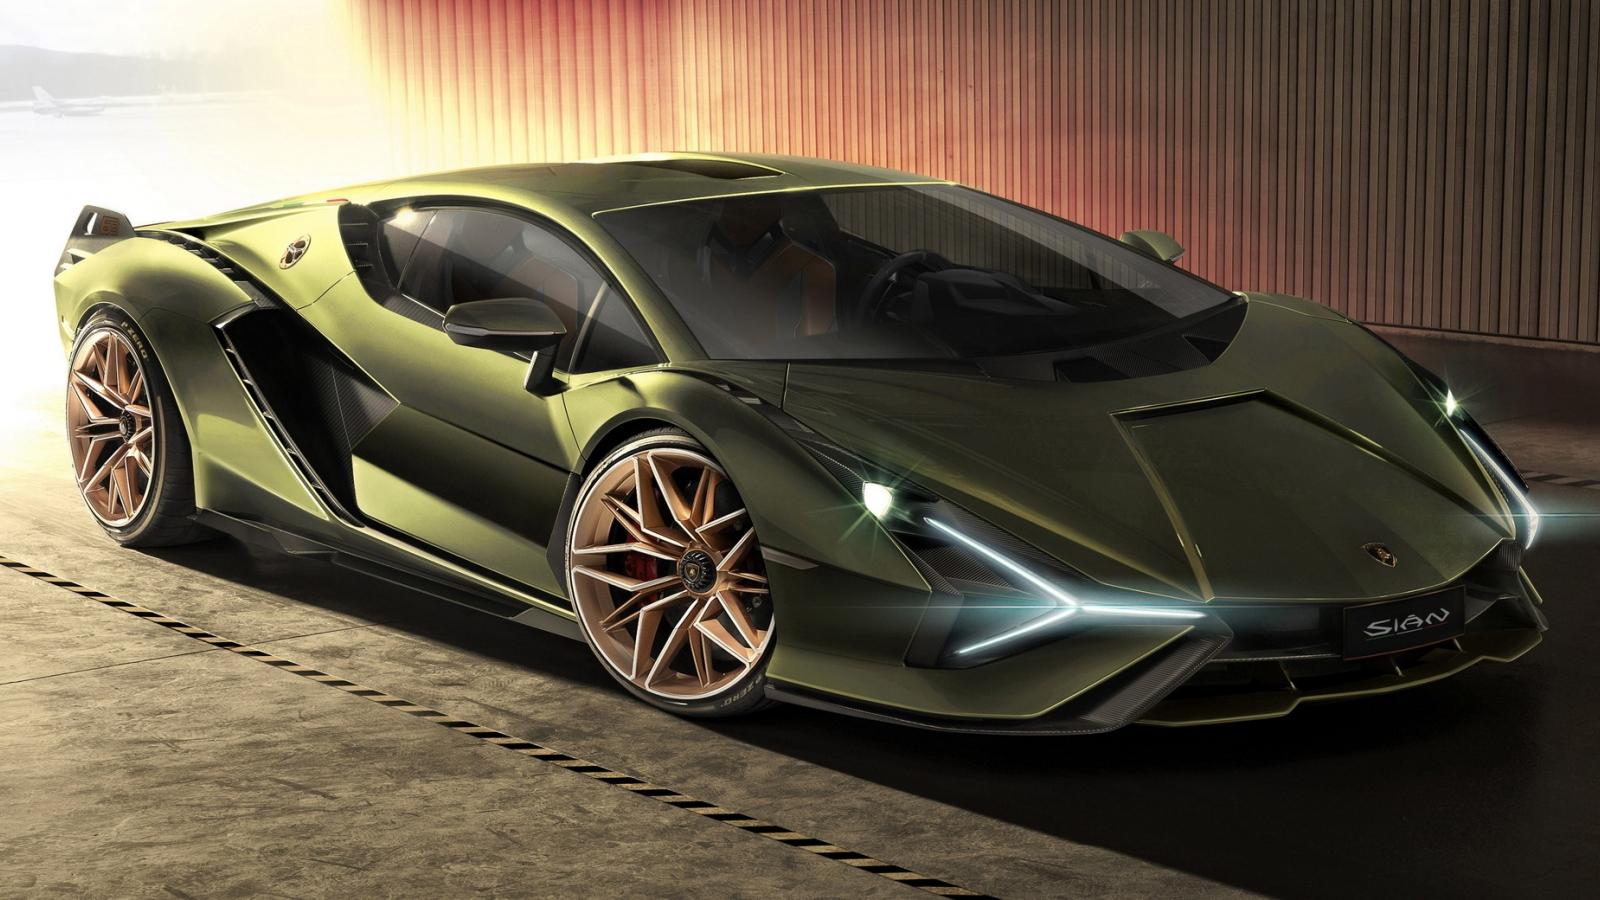 Thương hiệu Lamborghini được tập đoàn Thụy Sỹ trả giá 7,5 tỷ euro